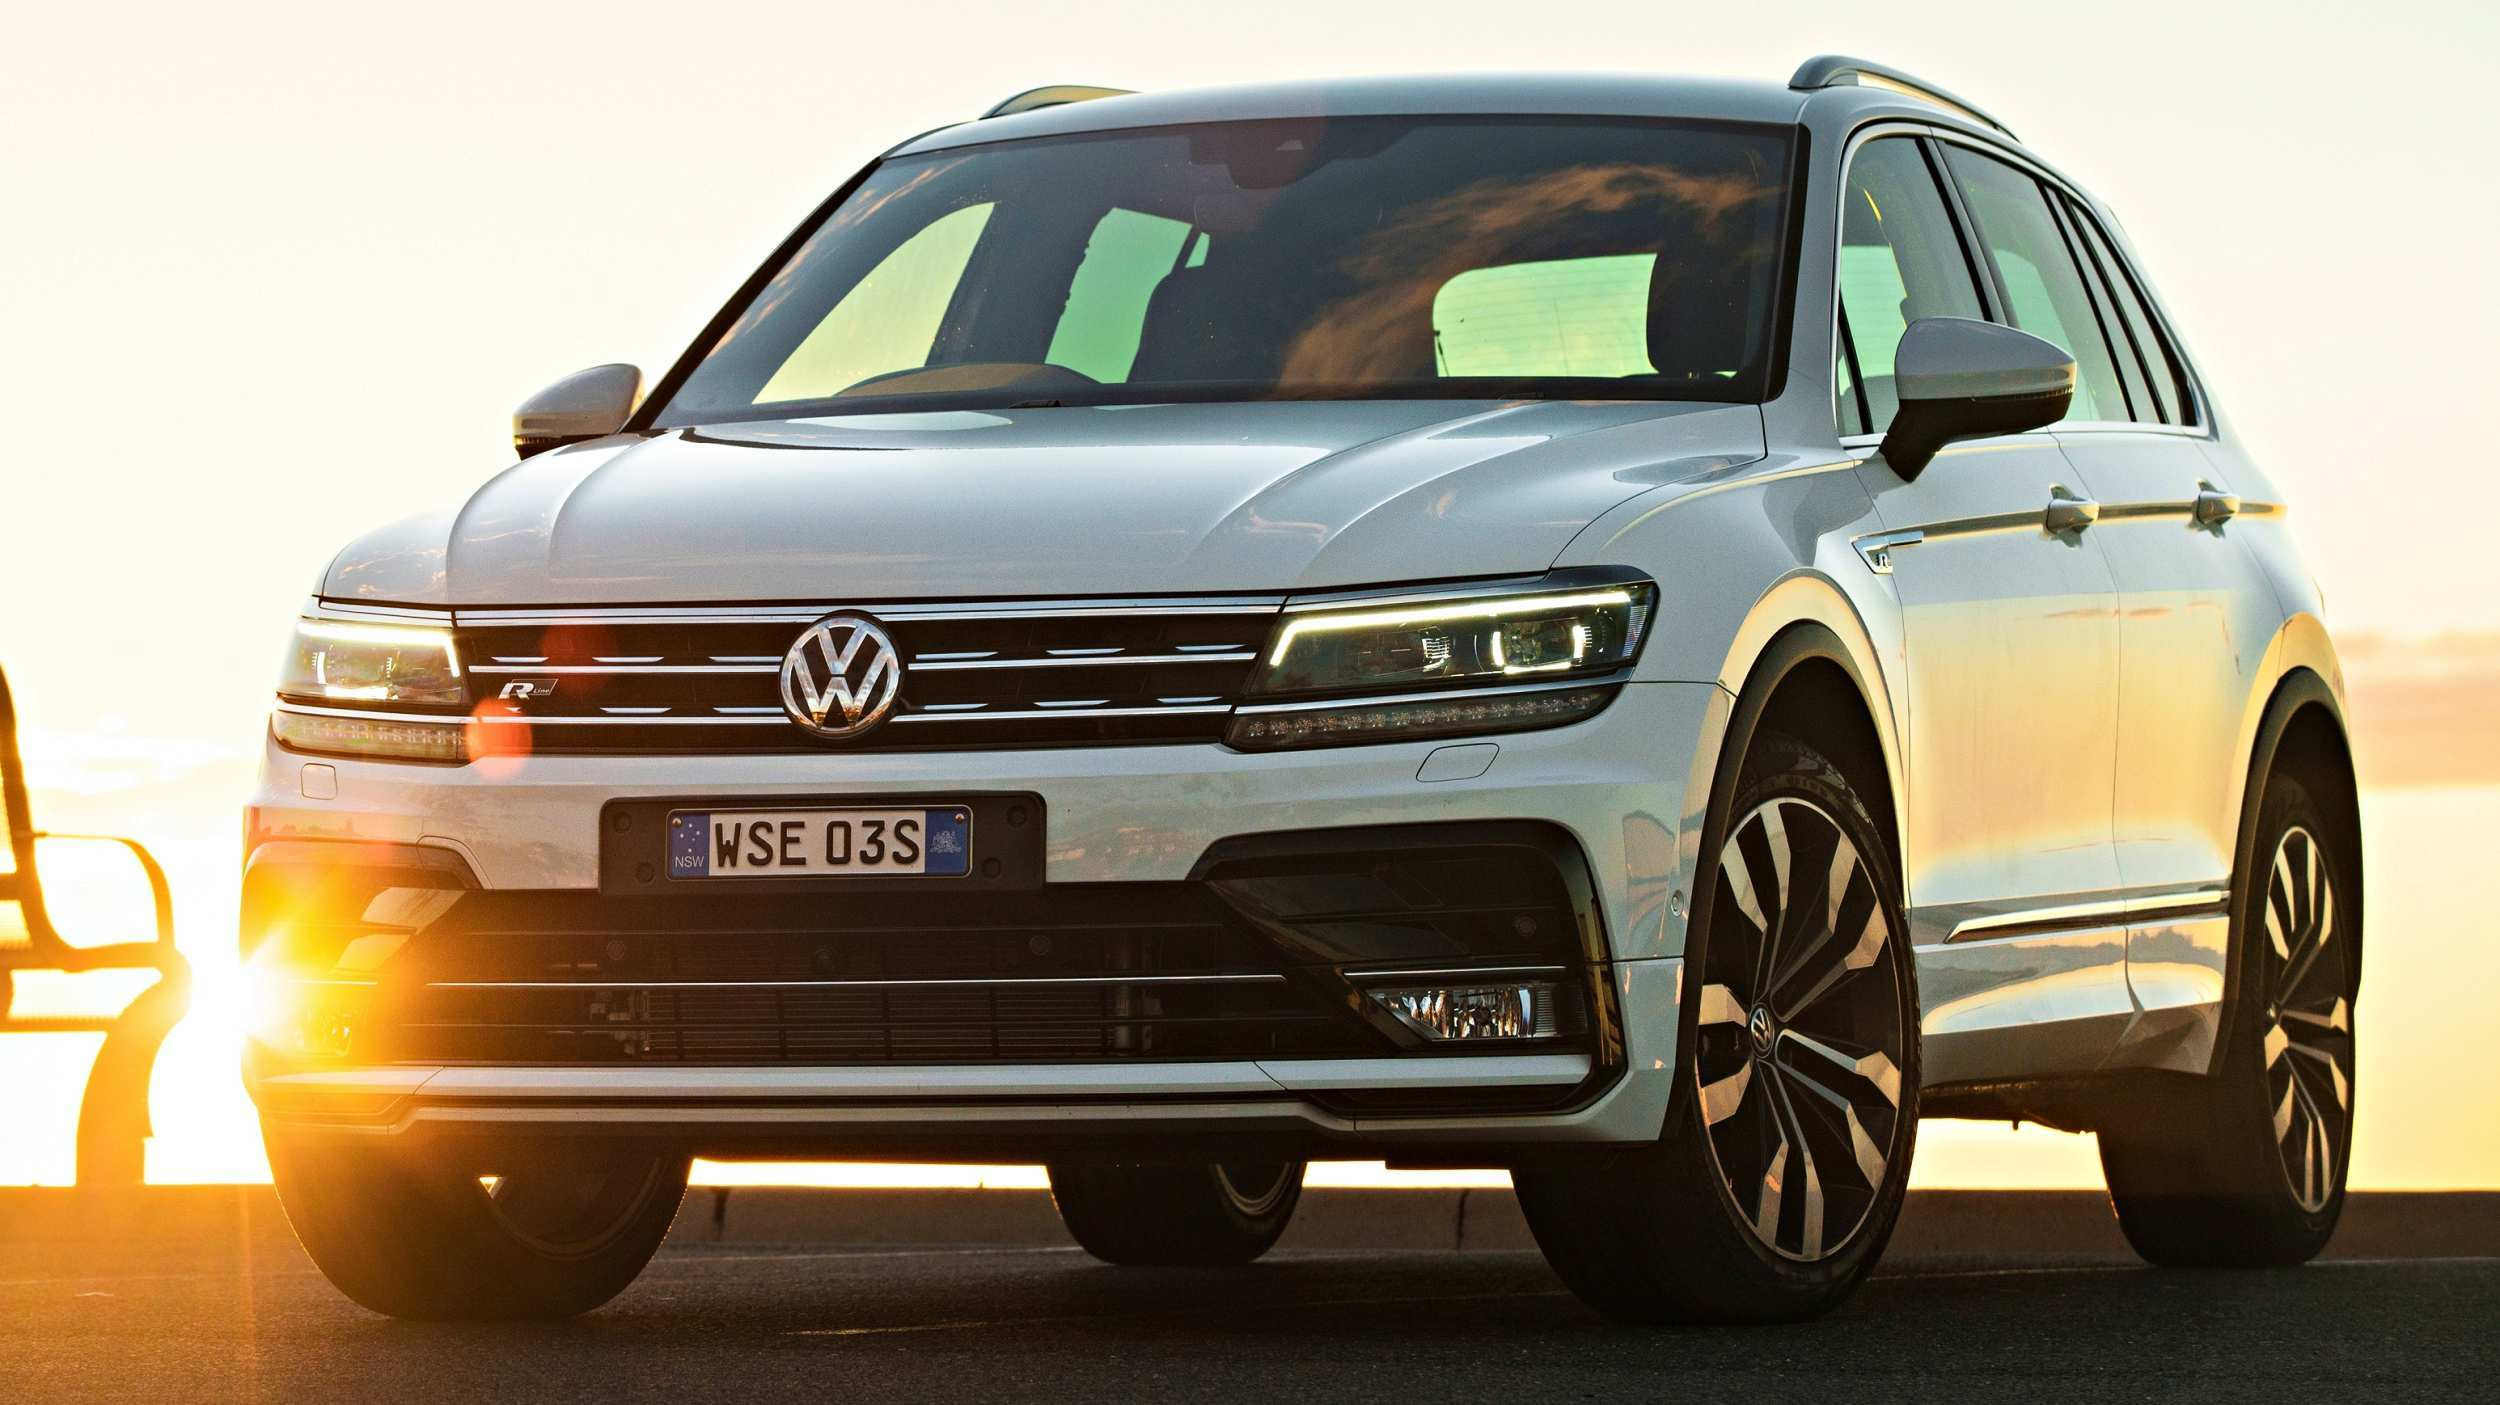 97 Best Review Volkswagen Lineup 2019 Photos with Volkswagen Lineup 2019